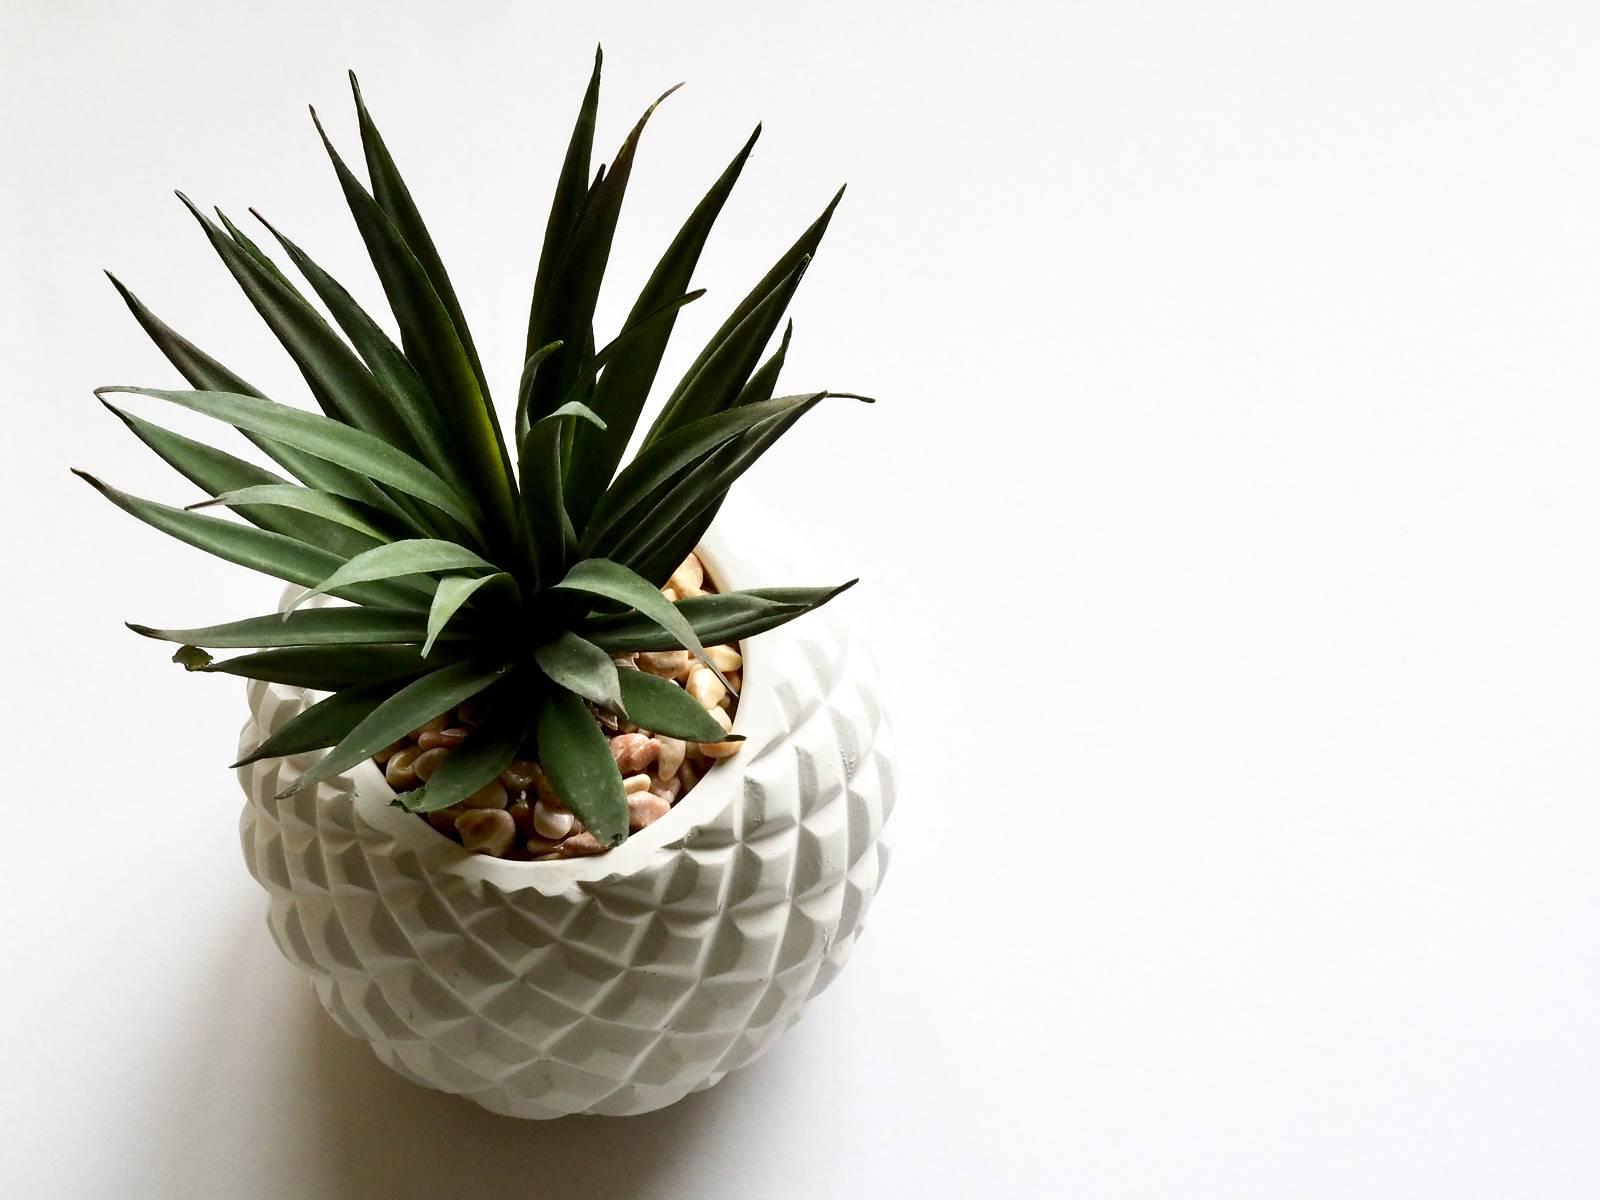 Evrgreen 003 - Zimmerpflanzen bei Evrgreen kaufen?